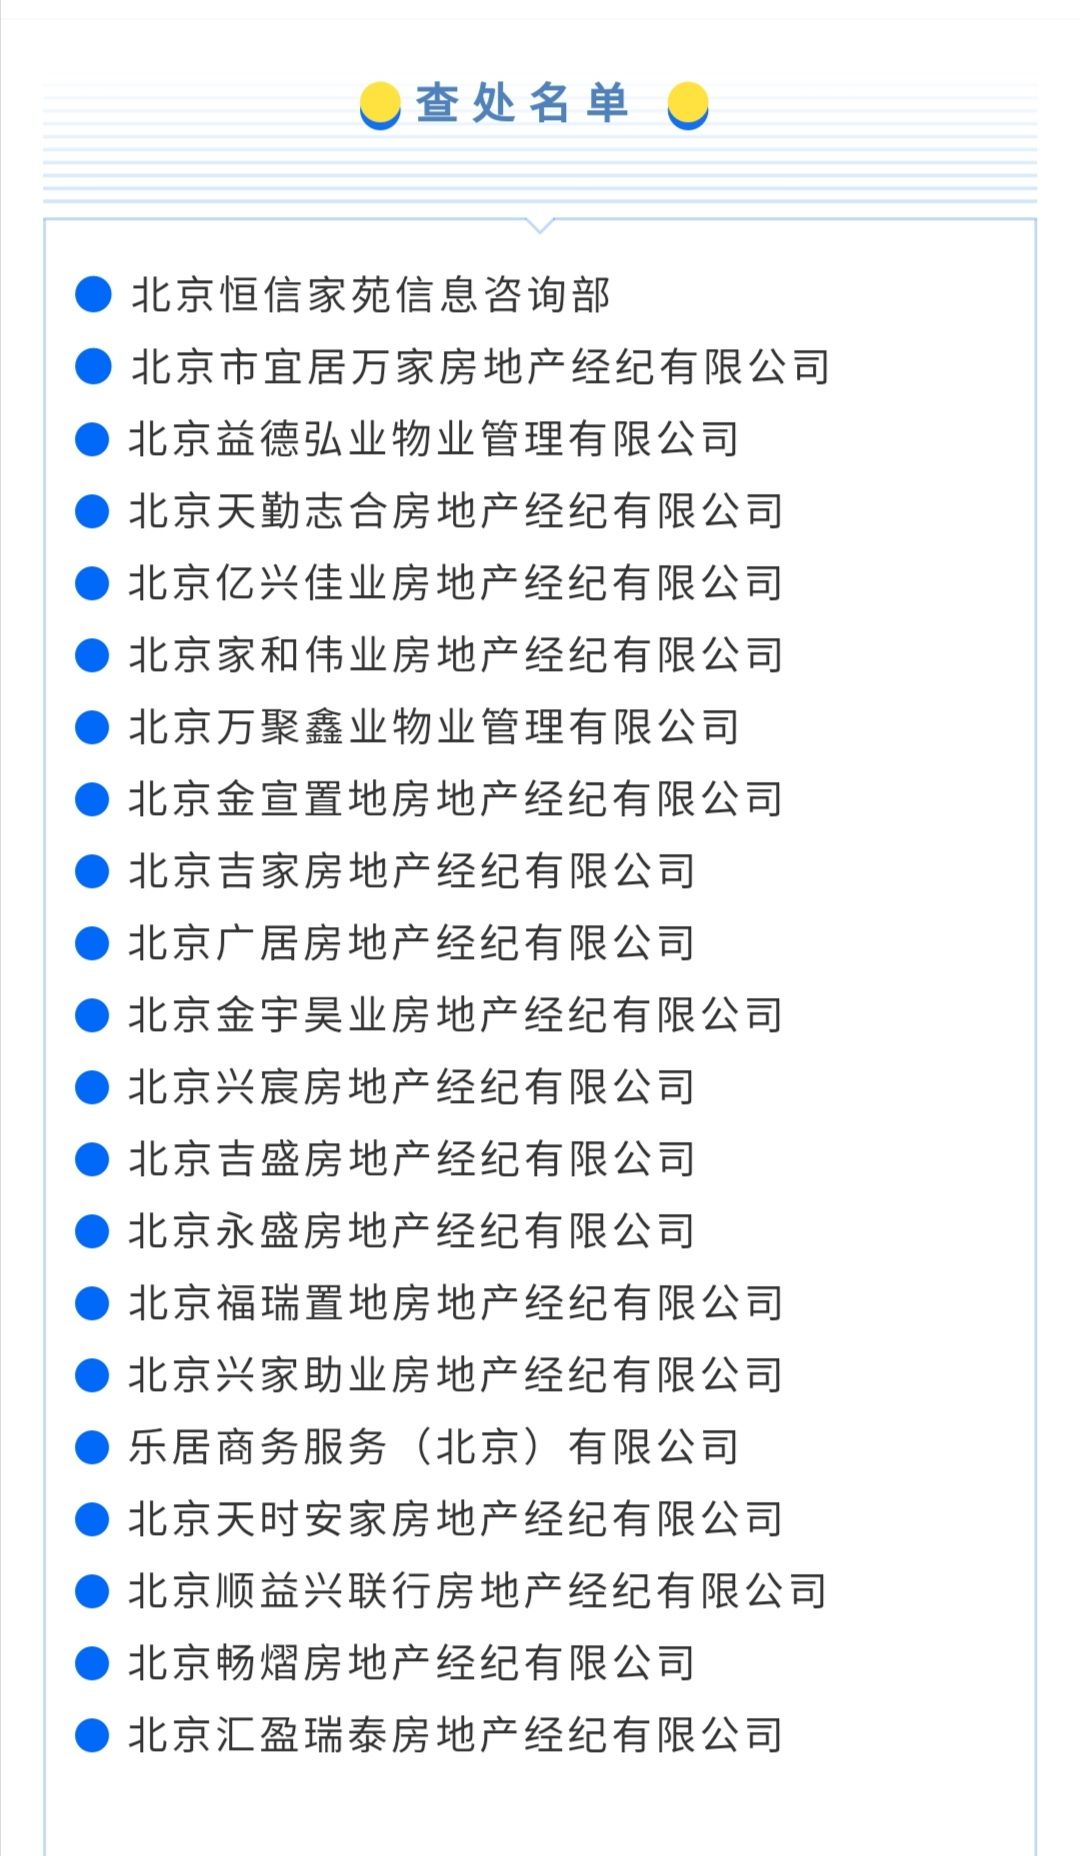 北京市住建委:北京21家房地产经纪机构被查处